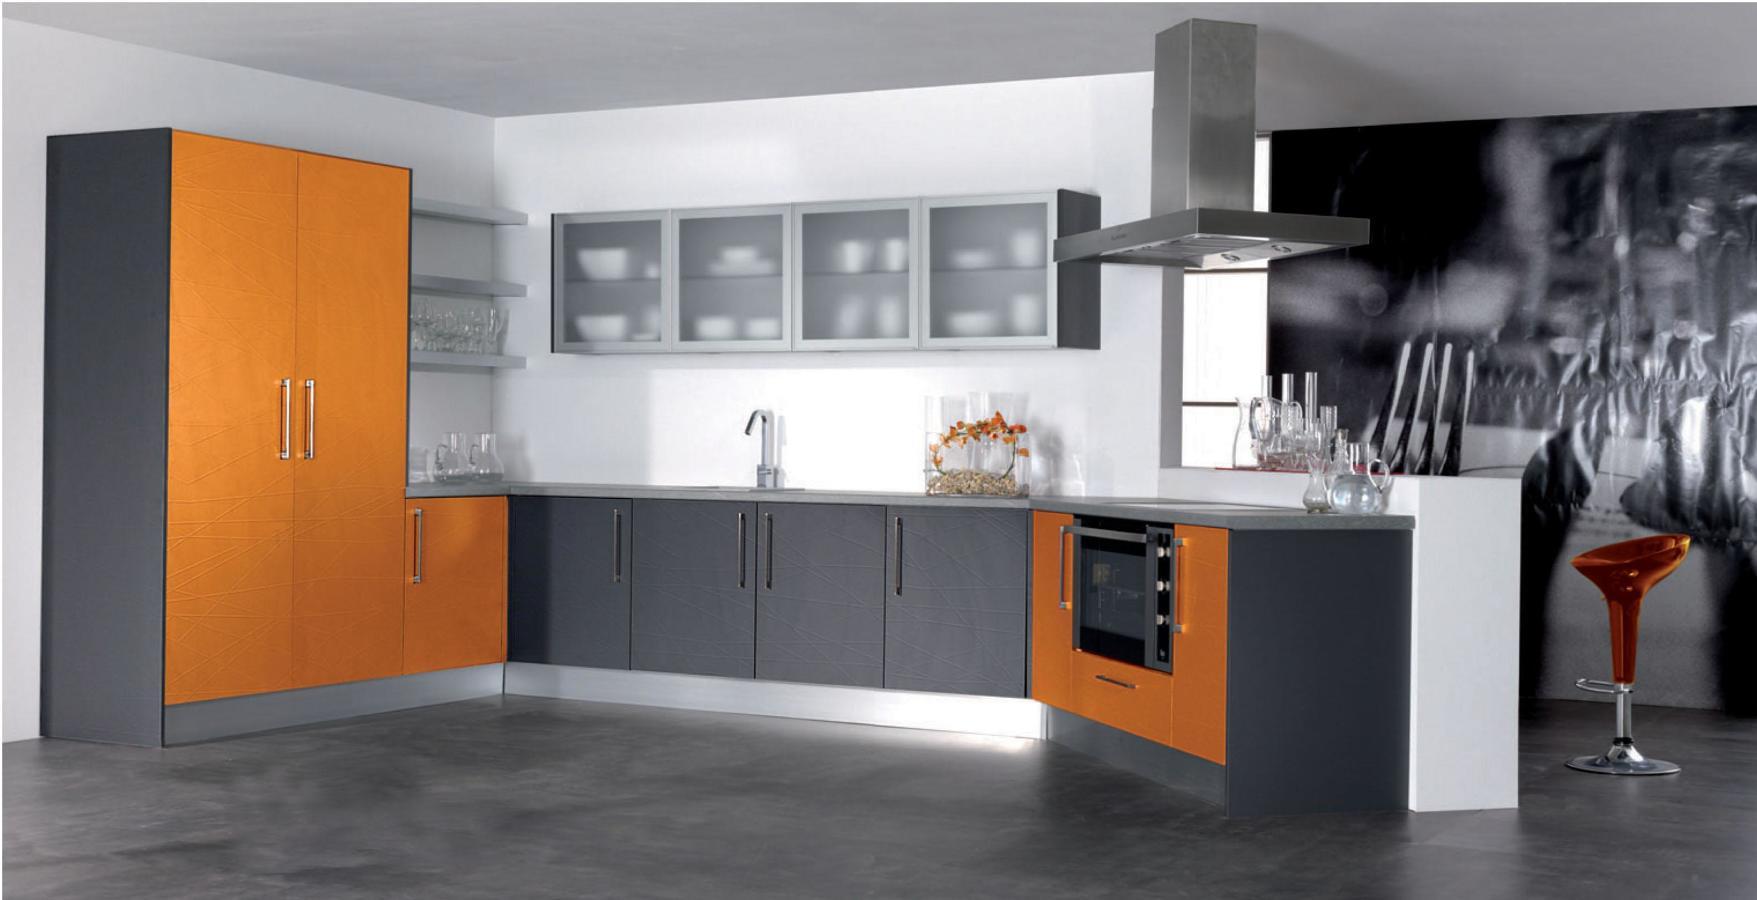 Muebles Cocina, Reformas Integrales, Electrodomésticos